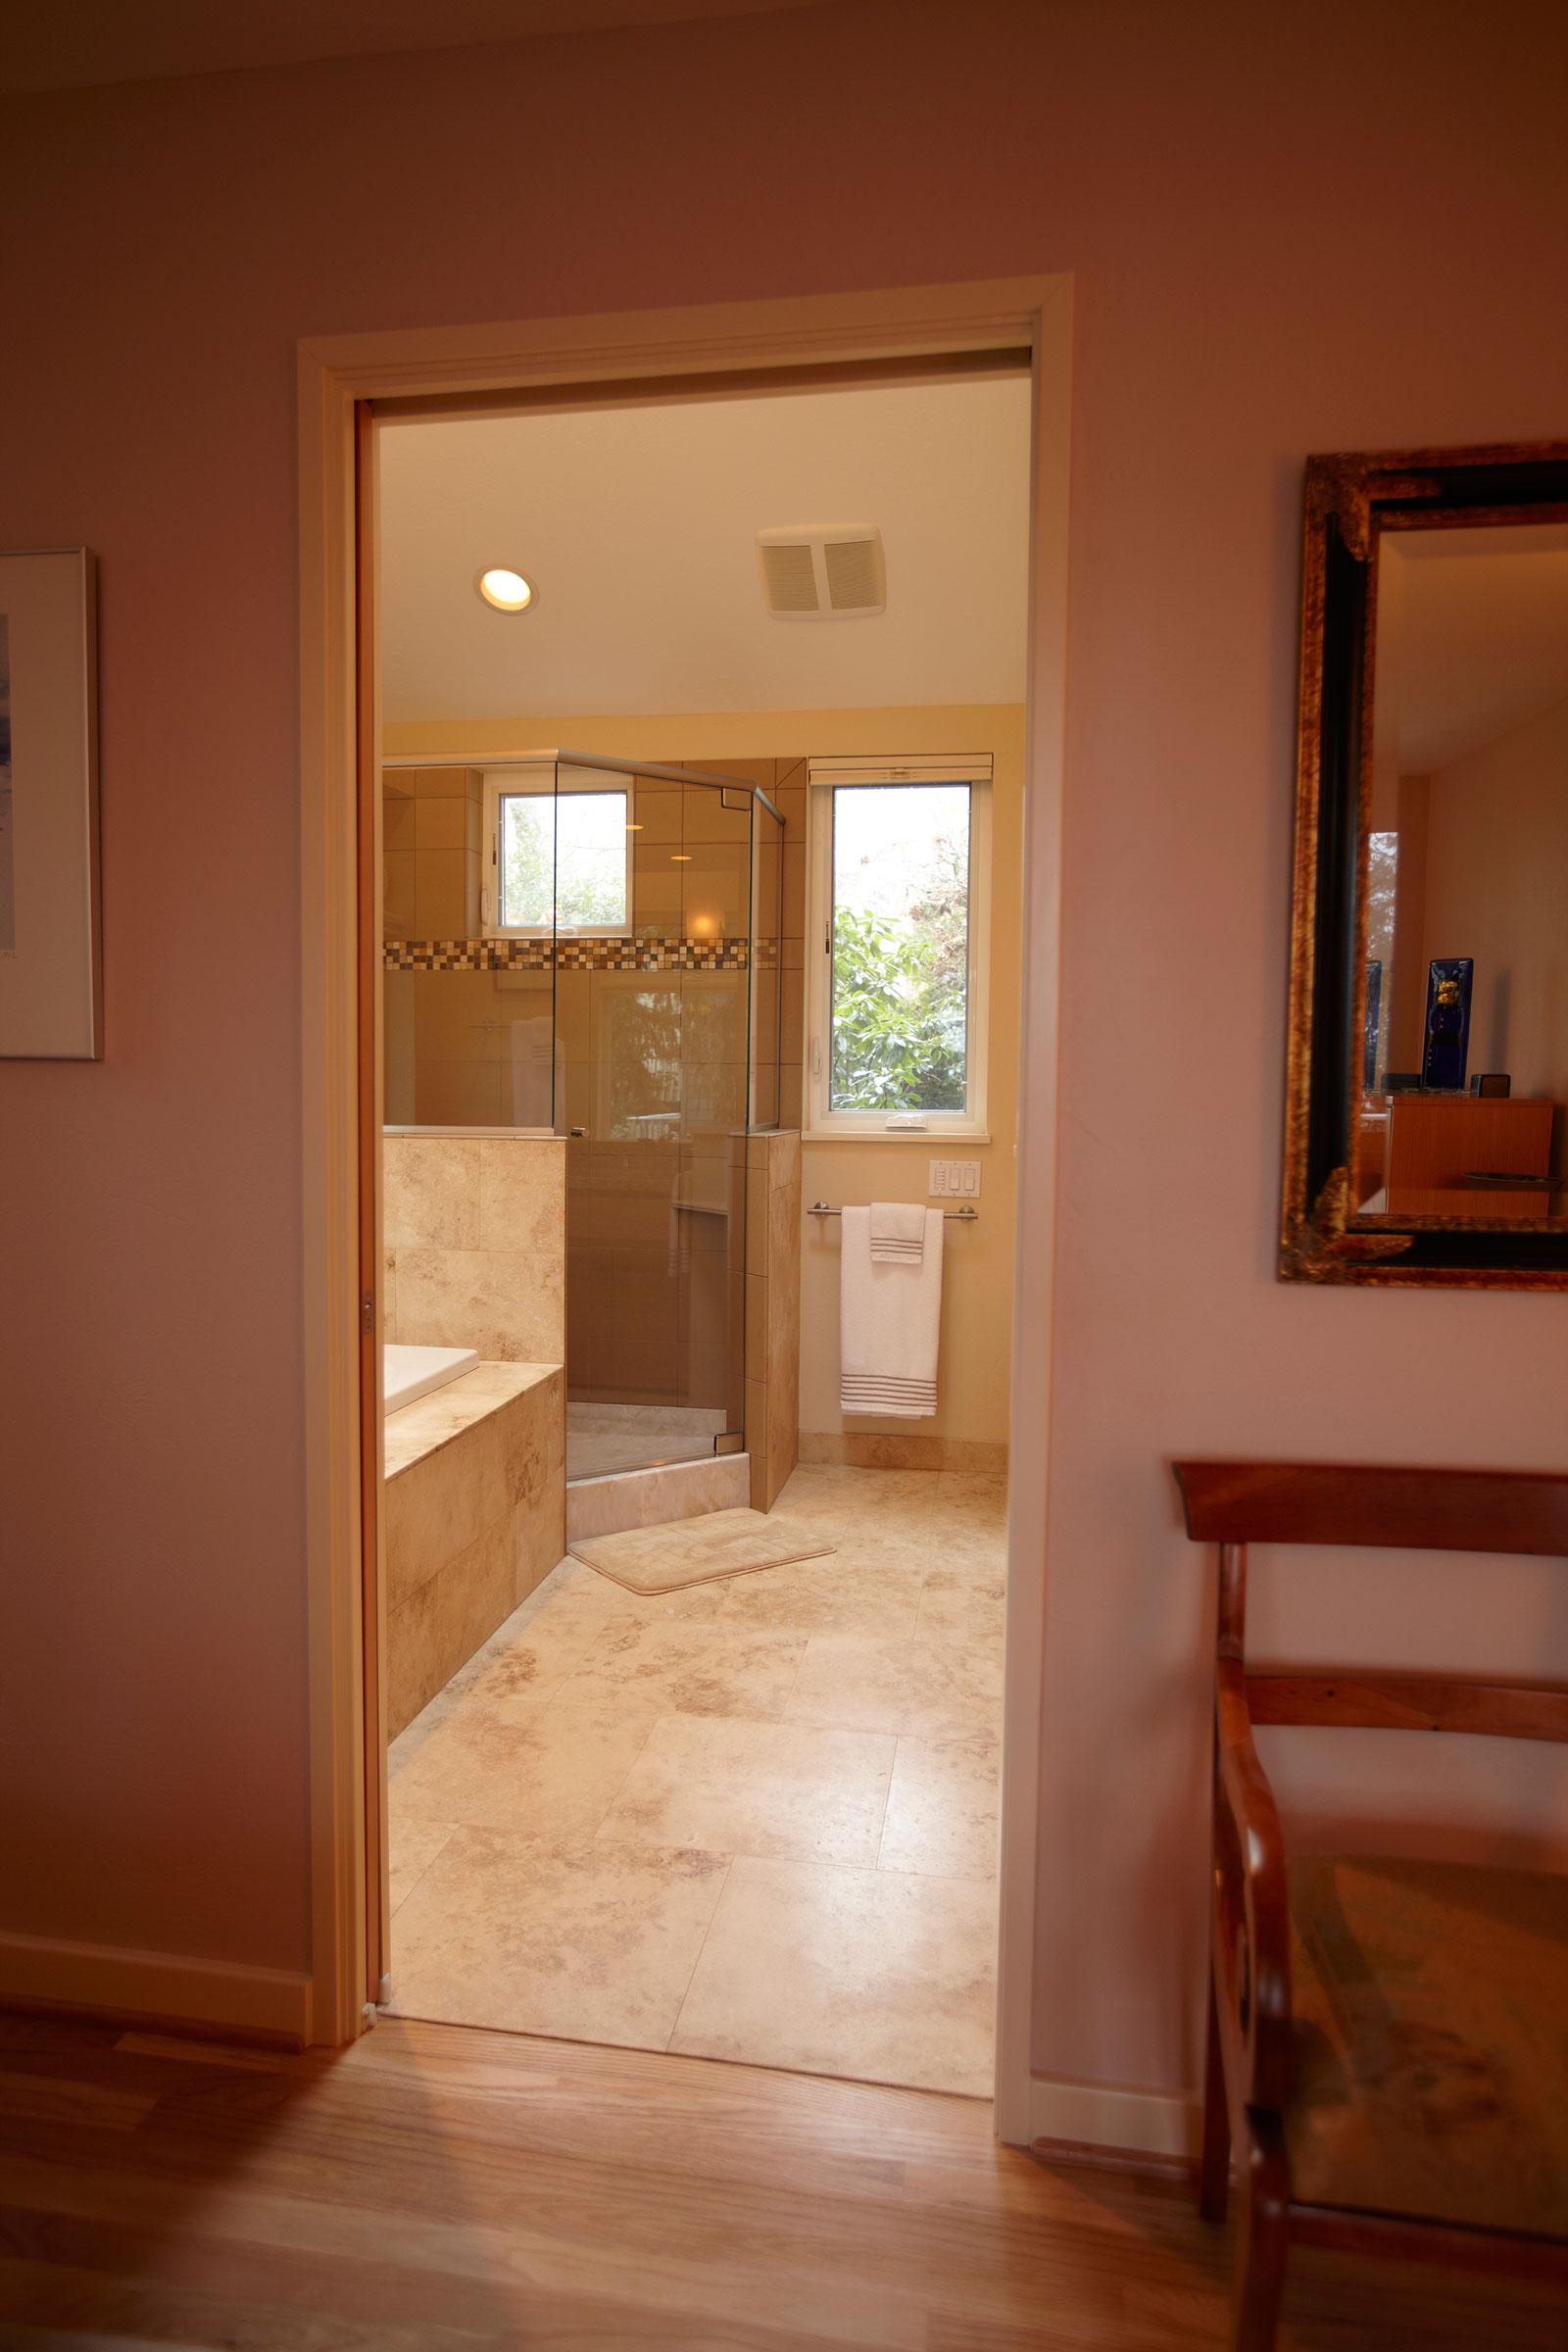 Linton Bathroom Remodel In Eugene - Bathroom remodel eugene oregon